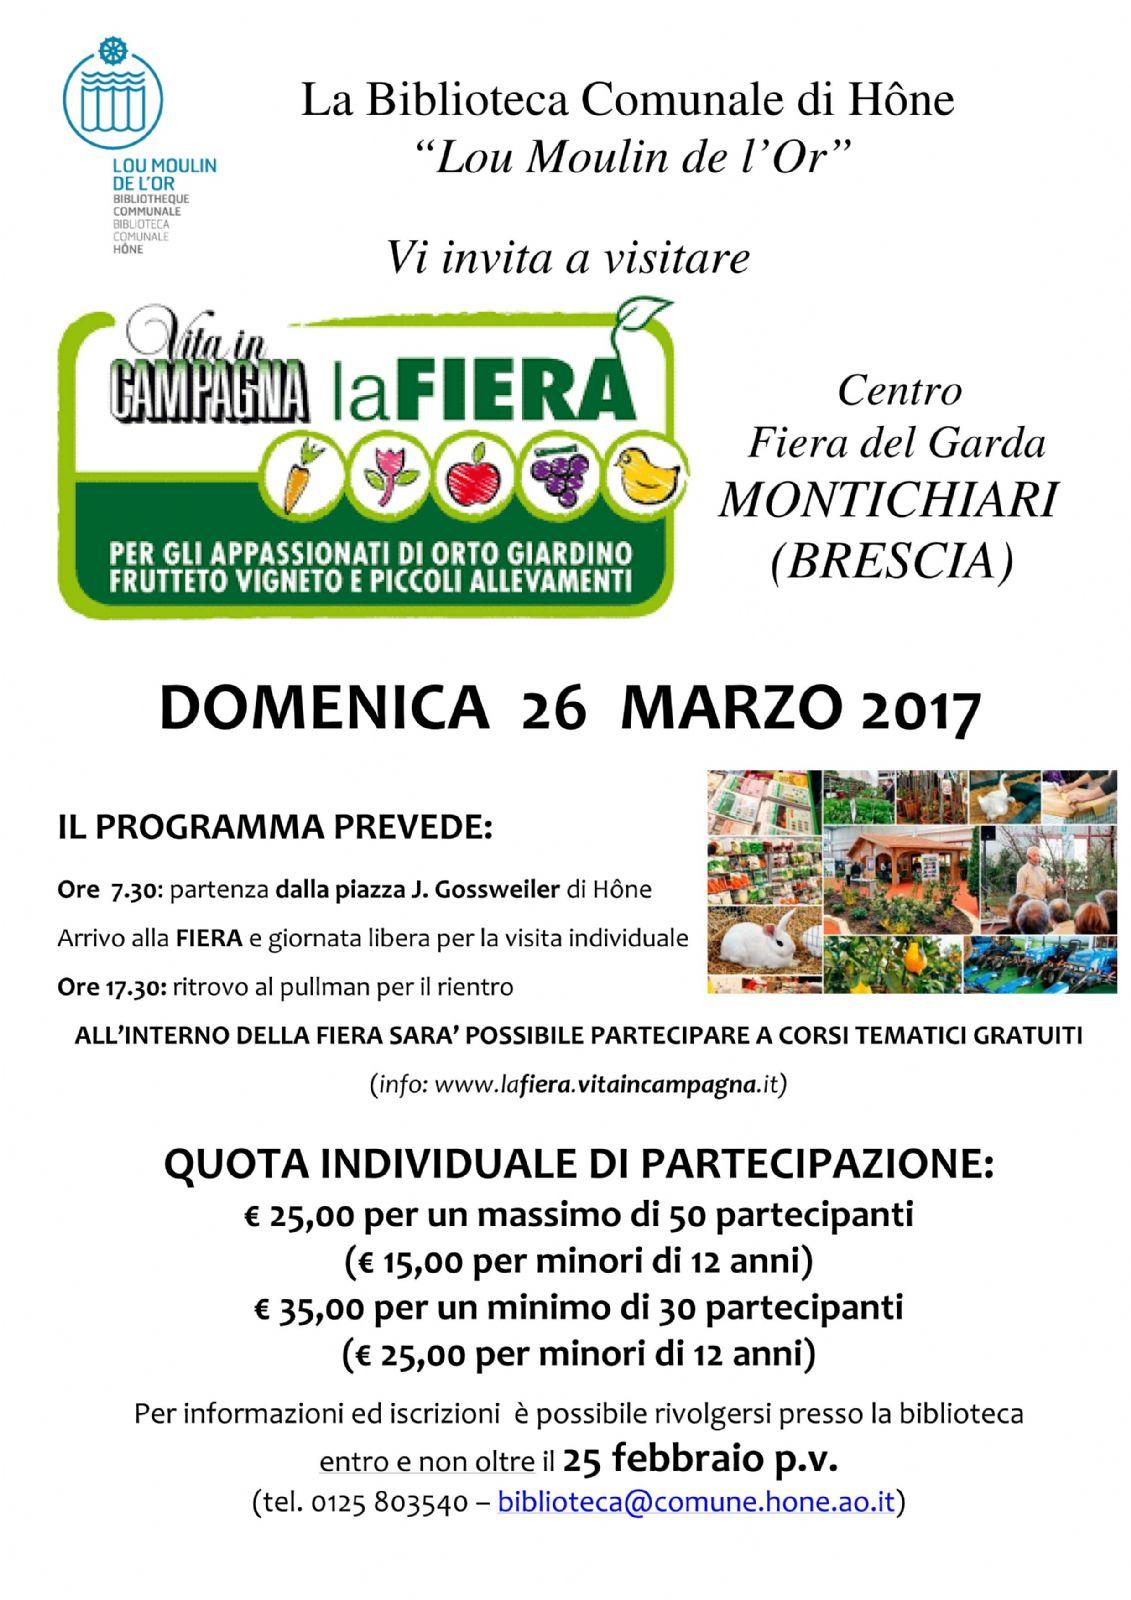 Calendario Fiera Montichiari.Fiera Di Vita In Campagna Montichiari Brescia Comune